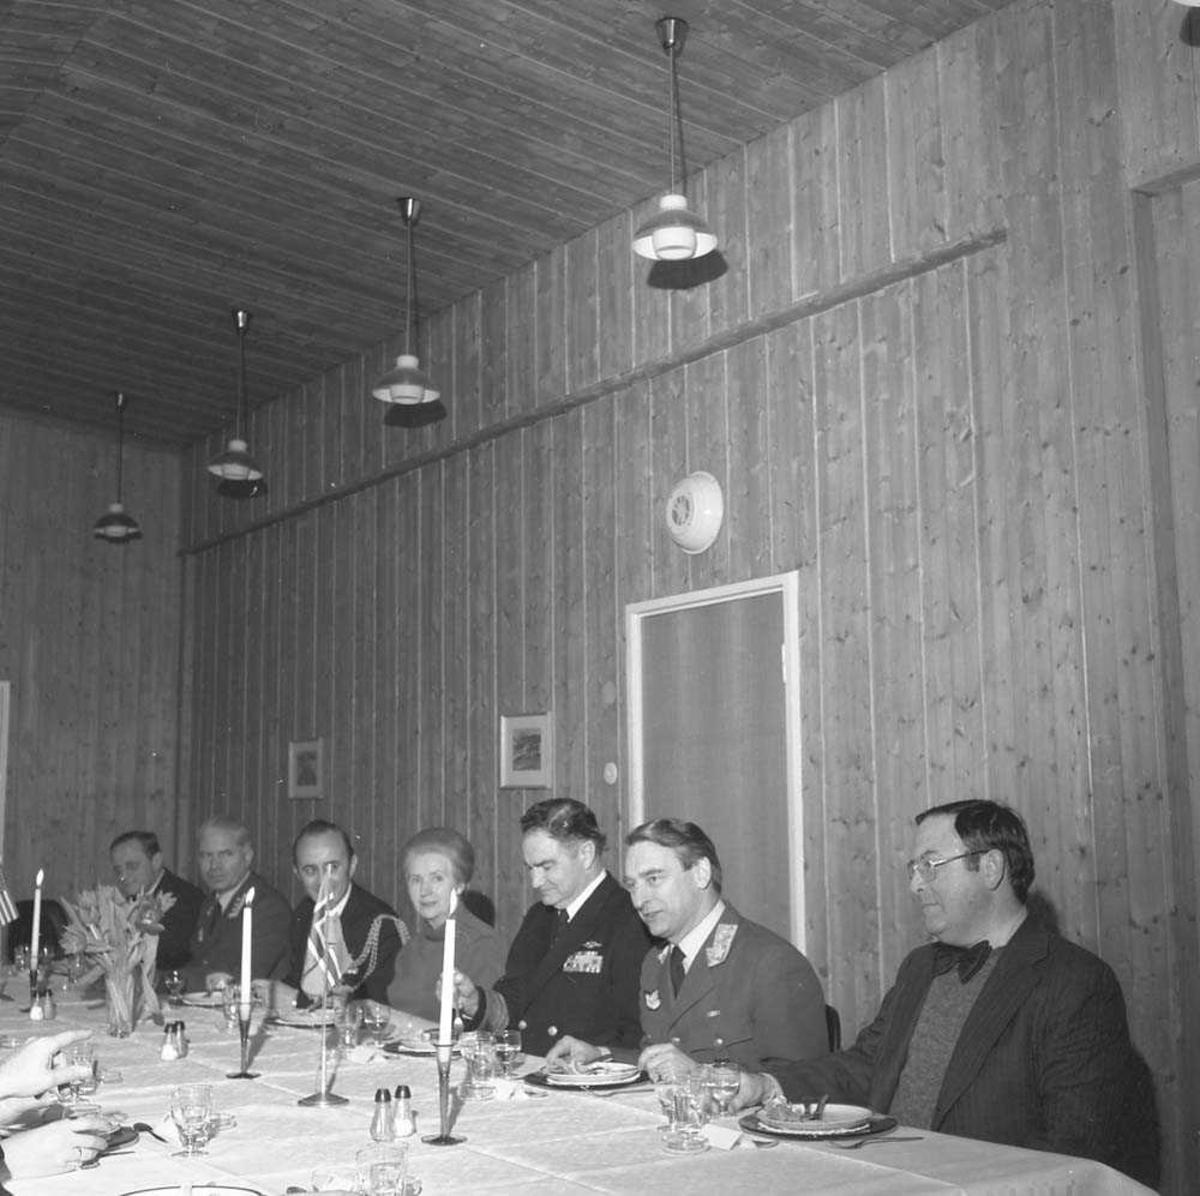 Admiral Harold E. Shear besøker Bodø flystasjon. Han sees som nr. 3 fra høyre. Nr. 2 fra høyre er Generalløytnant Nils Arveschaug og nr. 6 er Oberst H. Wergeland.